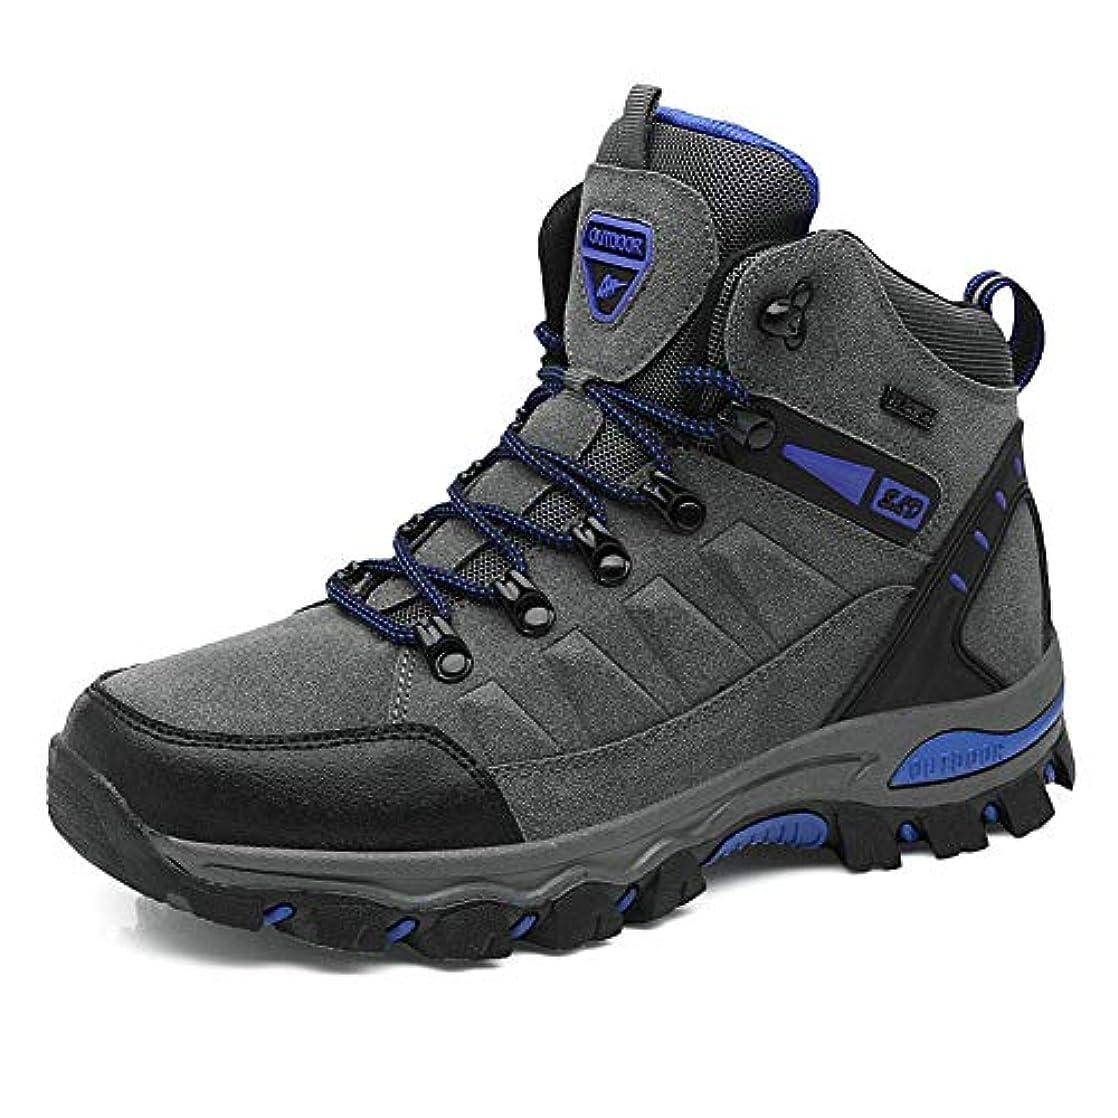 負接触全能[TcIFE] トレッキングシューズ メンズ 防水 防滑 ハイカット 登山靴 大きいサイズ ハイキングシューズ メンズ 耐磨耗 ハイキングシューズ メンズ 通気性 スニーカー